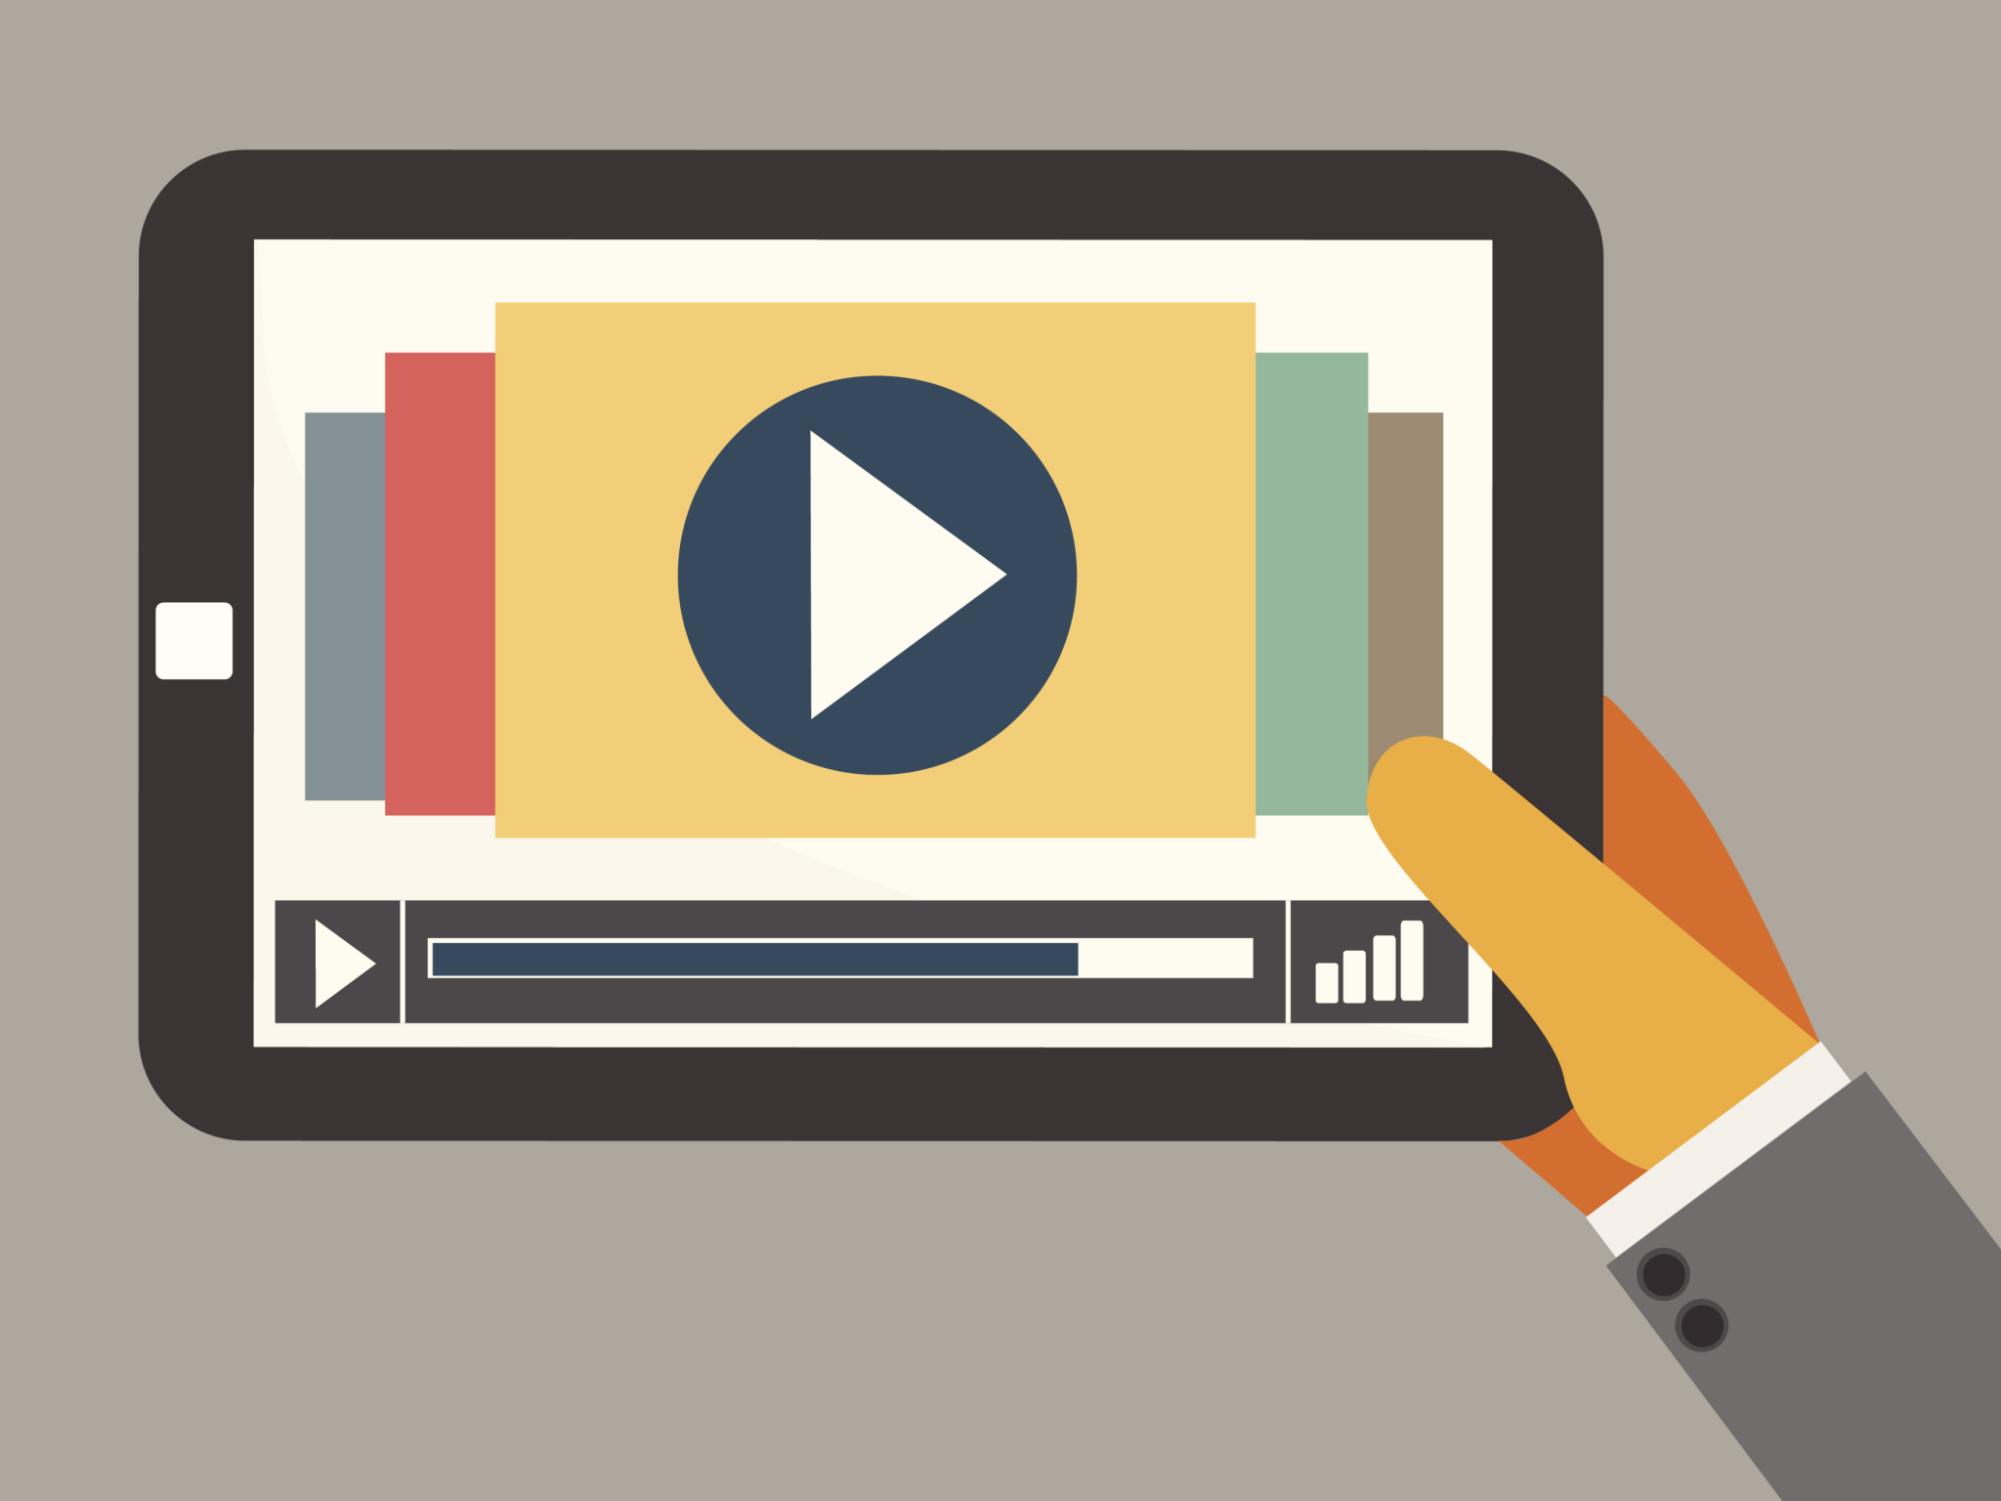 Минкультуры объяснило подробности законопроекта по обязательной установке счетчиков в онлайн-кинотеатрах